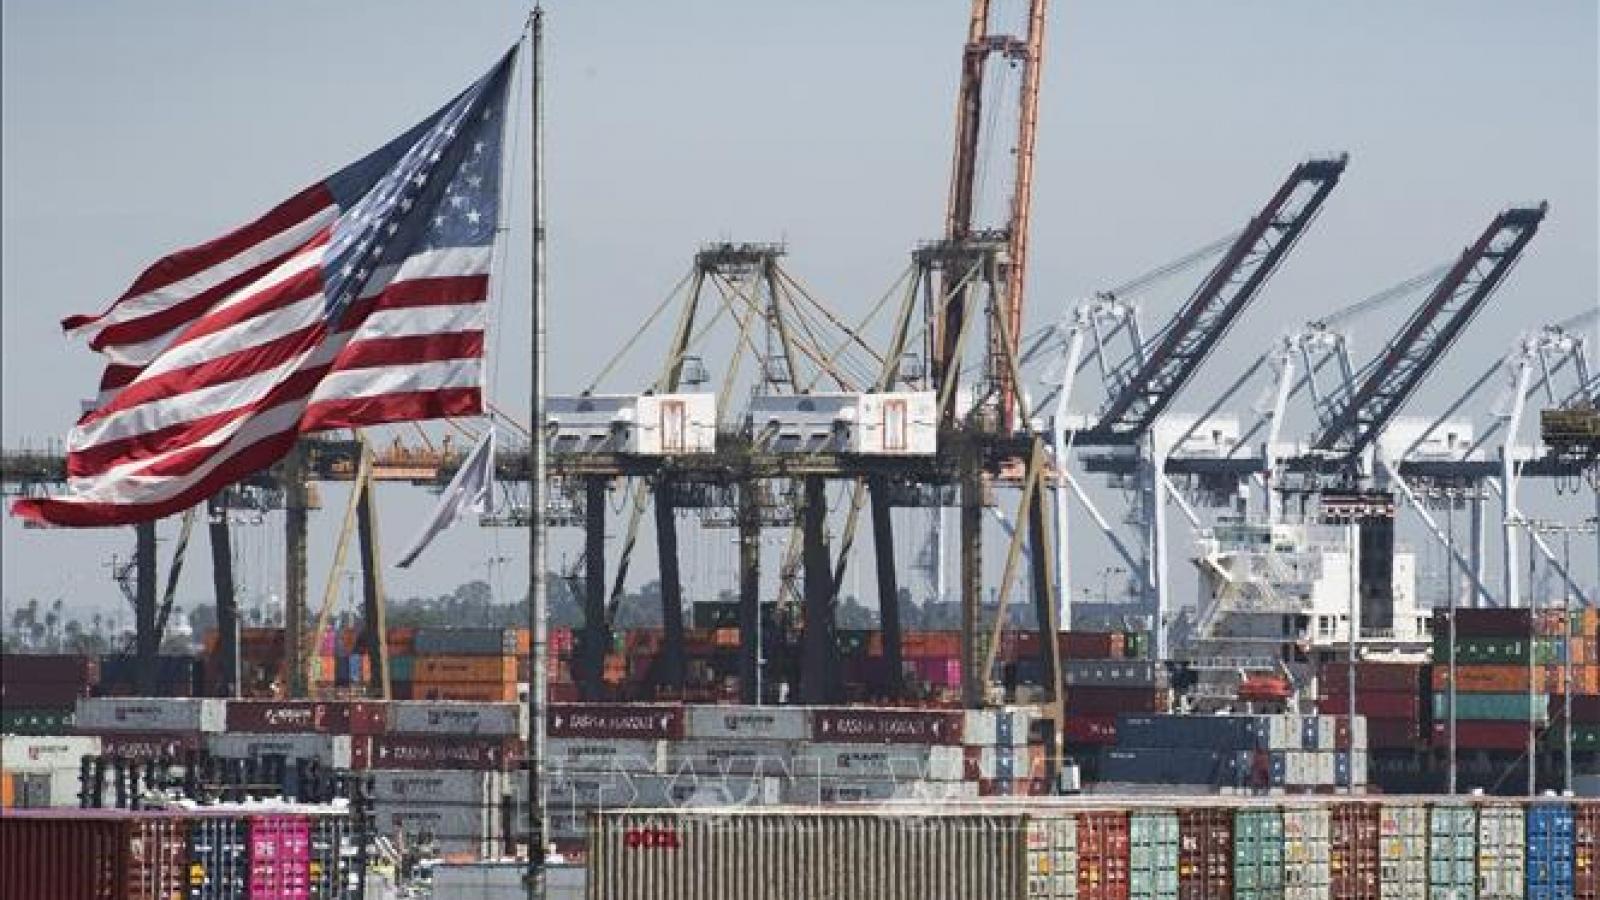 Thâm hụt thương mại của Mỹ tăng lên mức cao nhất trong vòng 12 năm